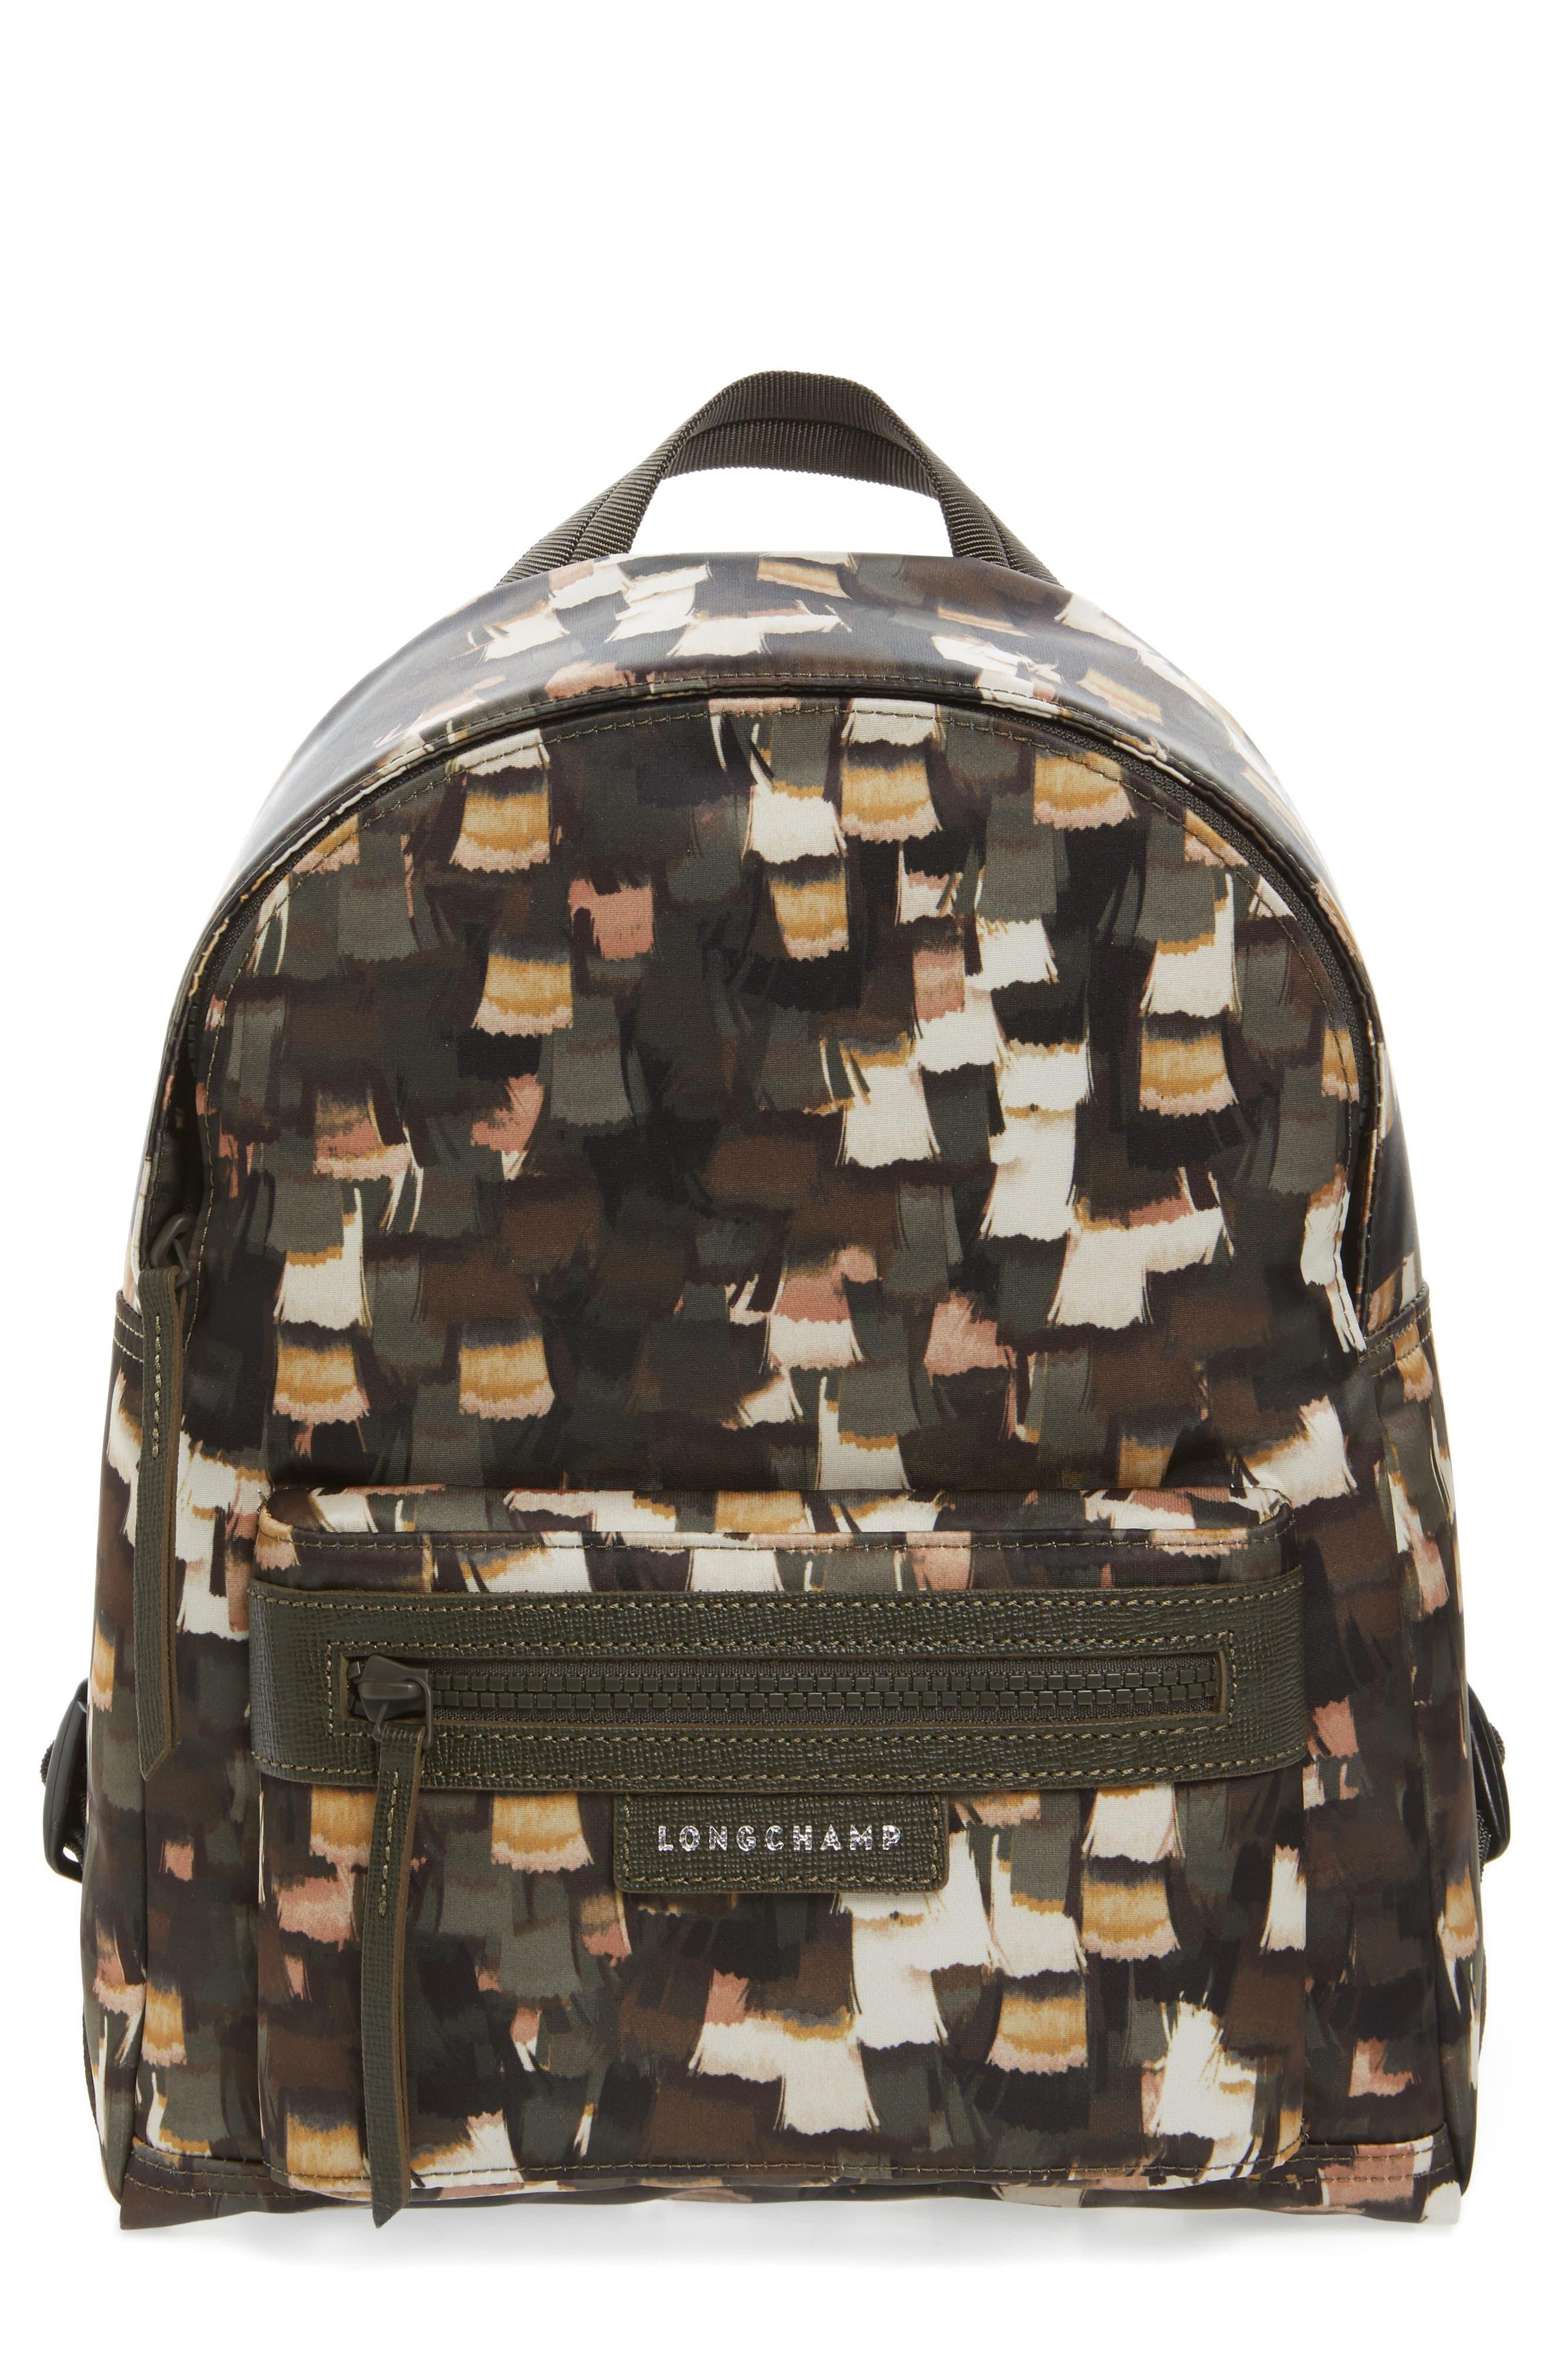 Le Pliage Neo - Vibrations Nylon Backpack,                             Main thumbnail 1, color,                             300